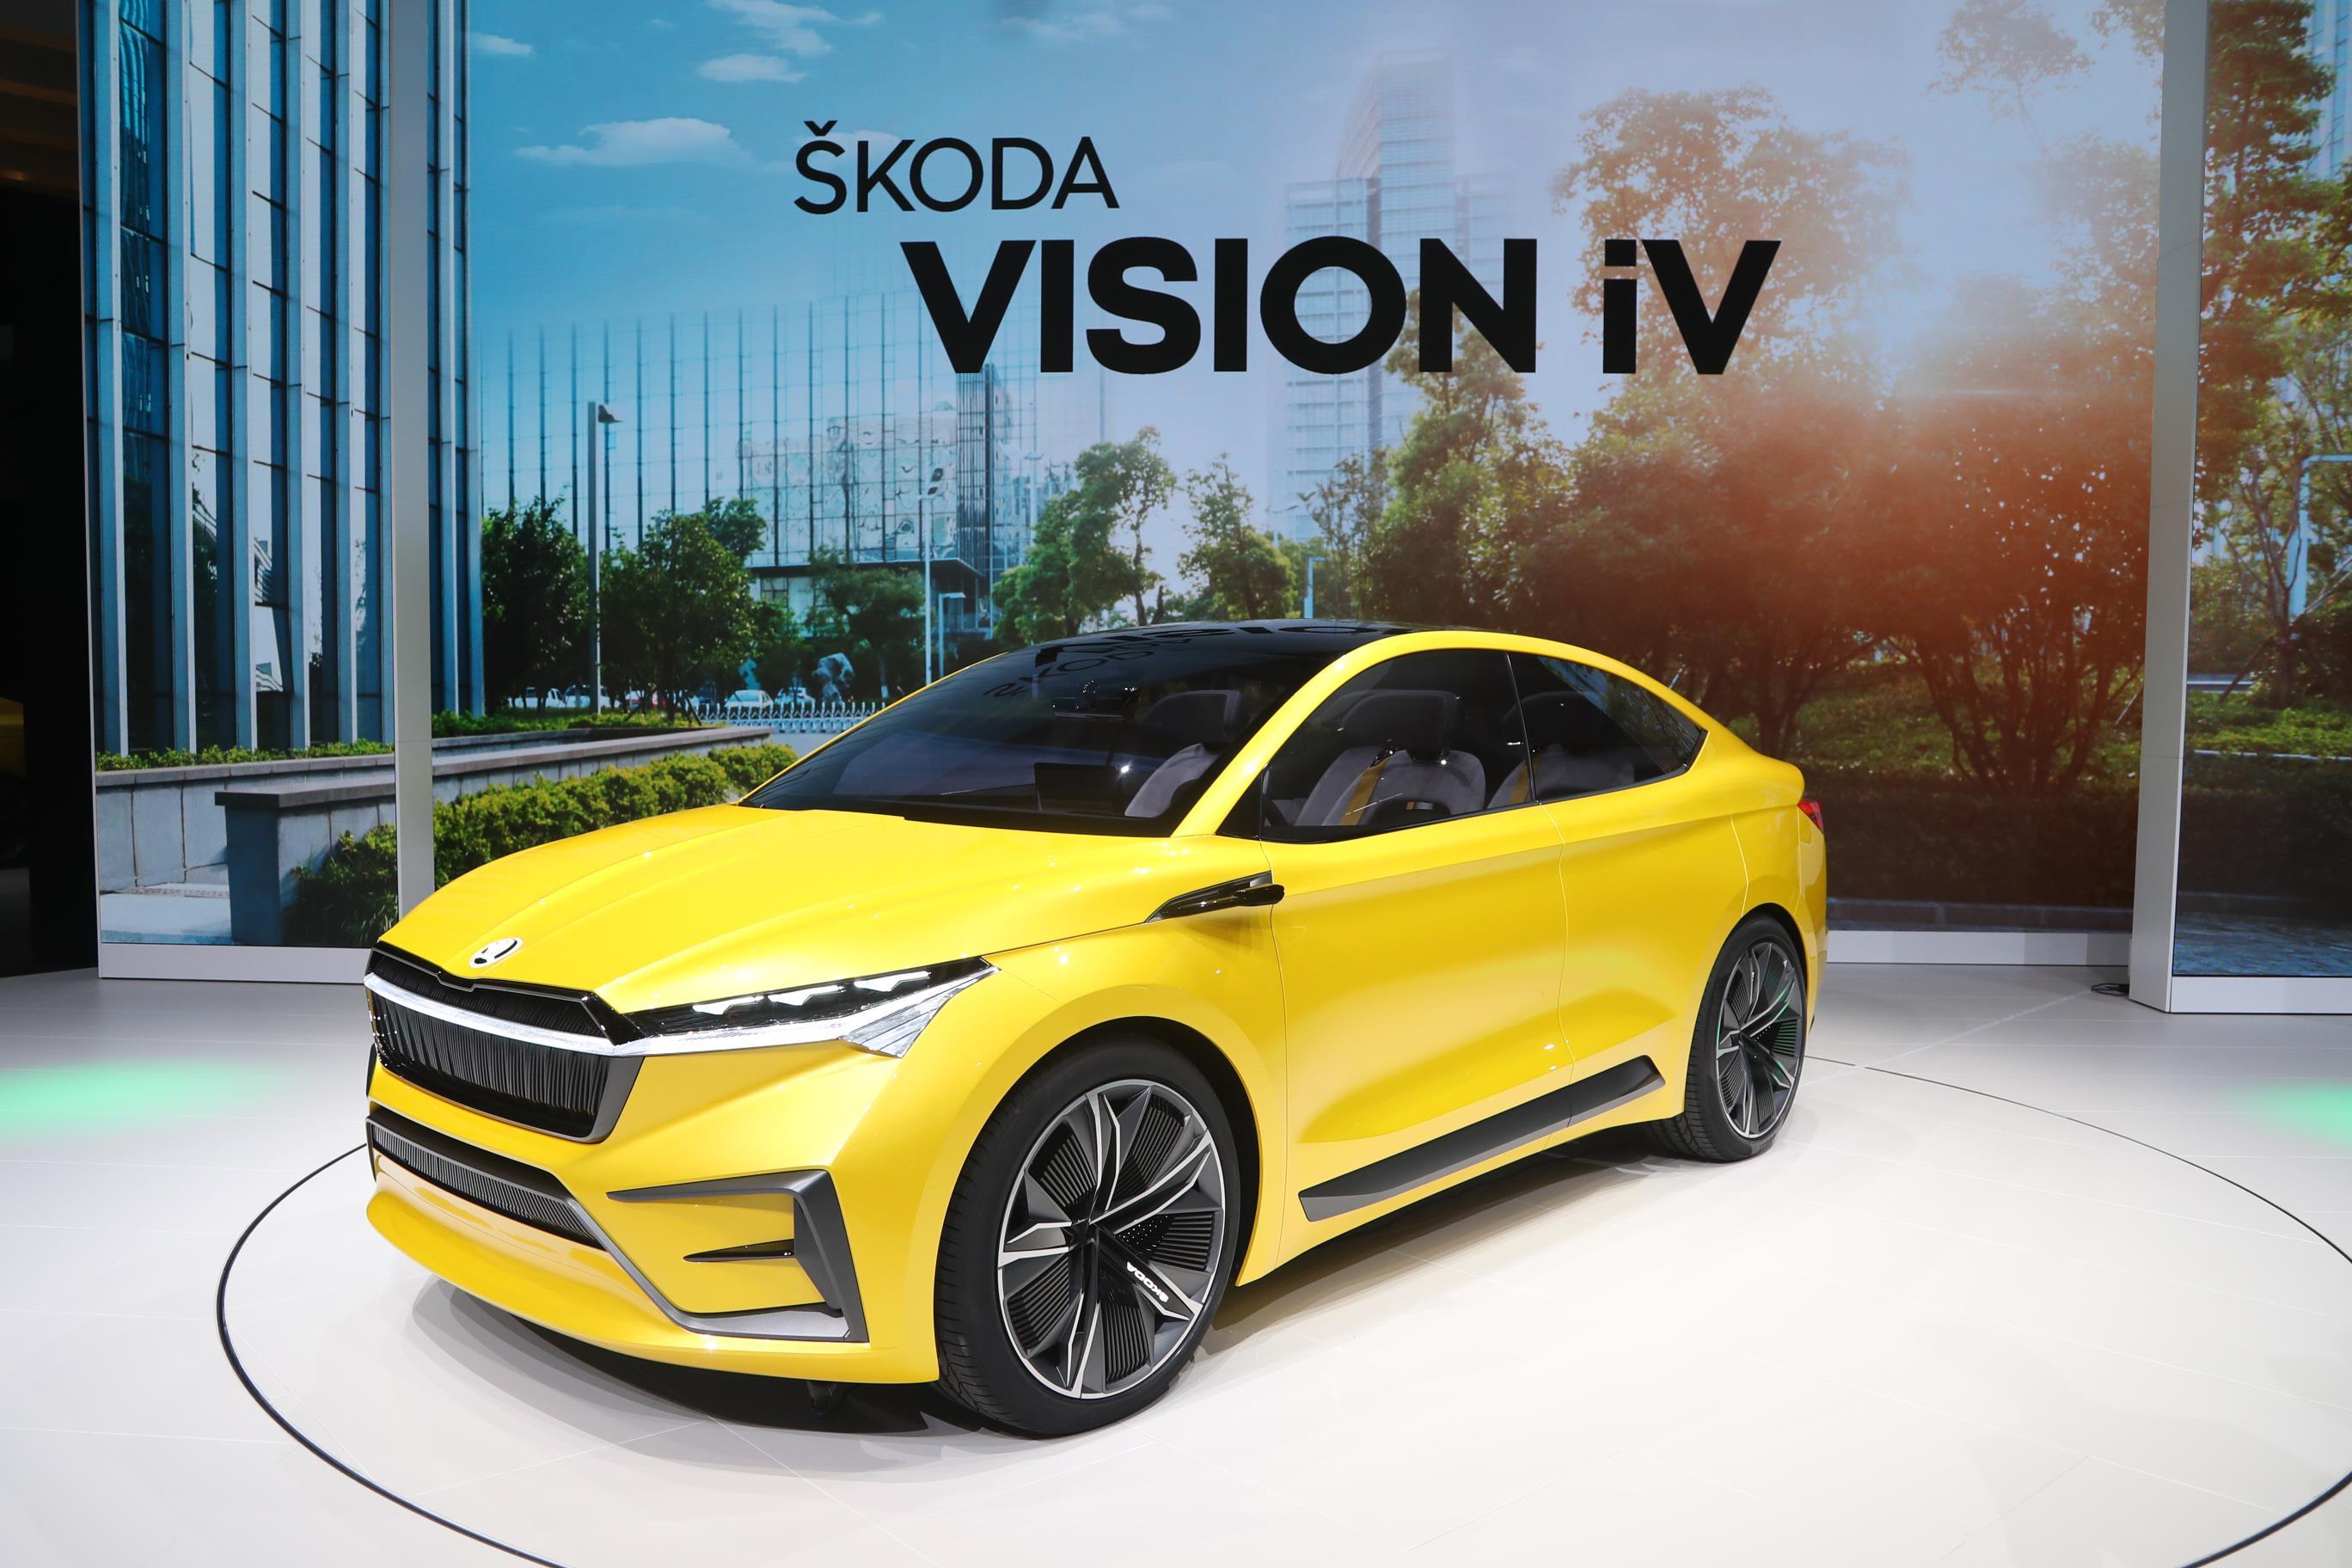 nuova Skoda Vision iV